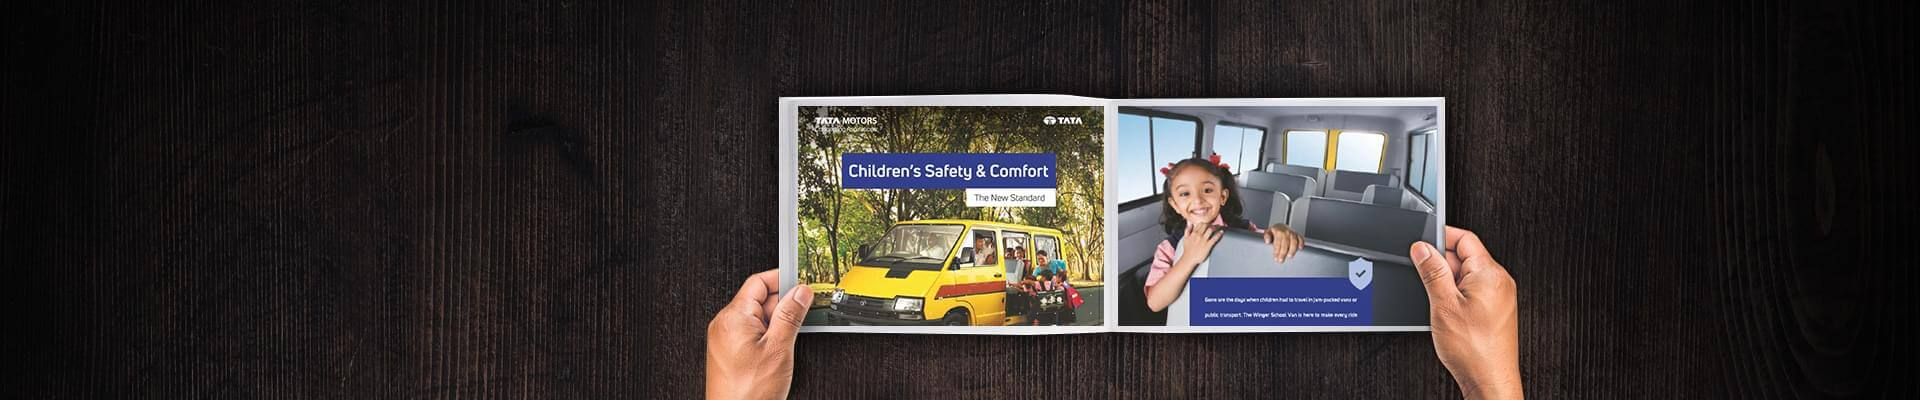 Tata Winger School van Brochure